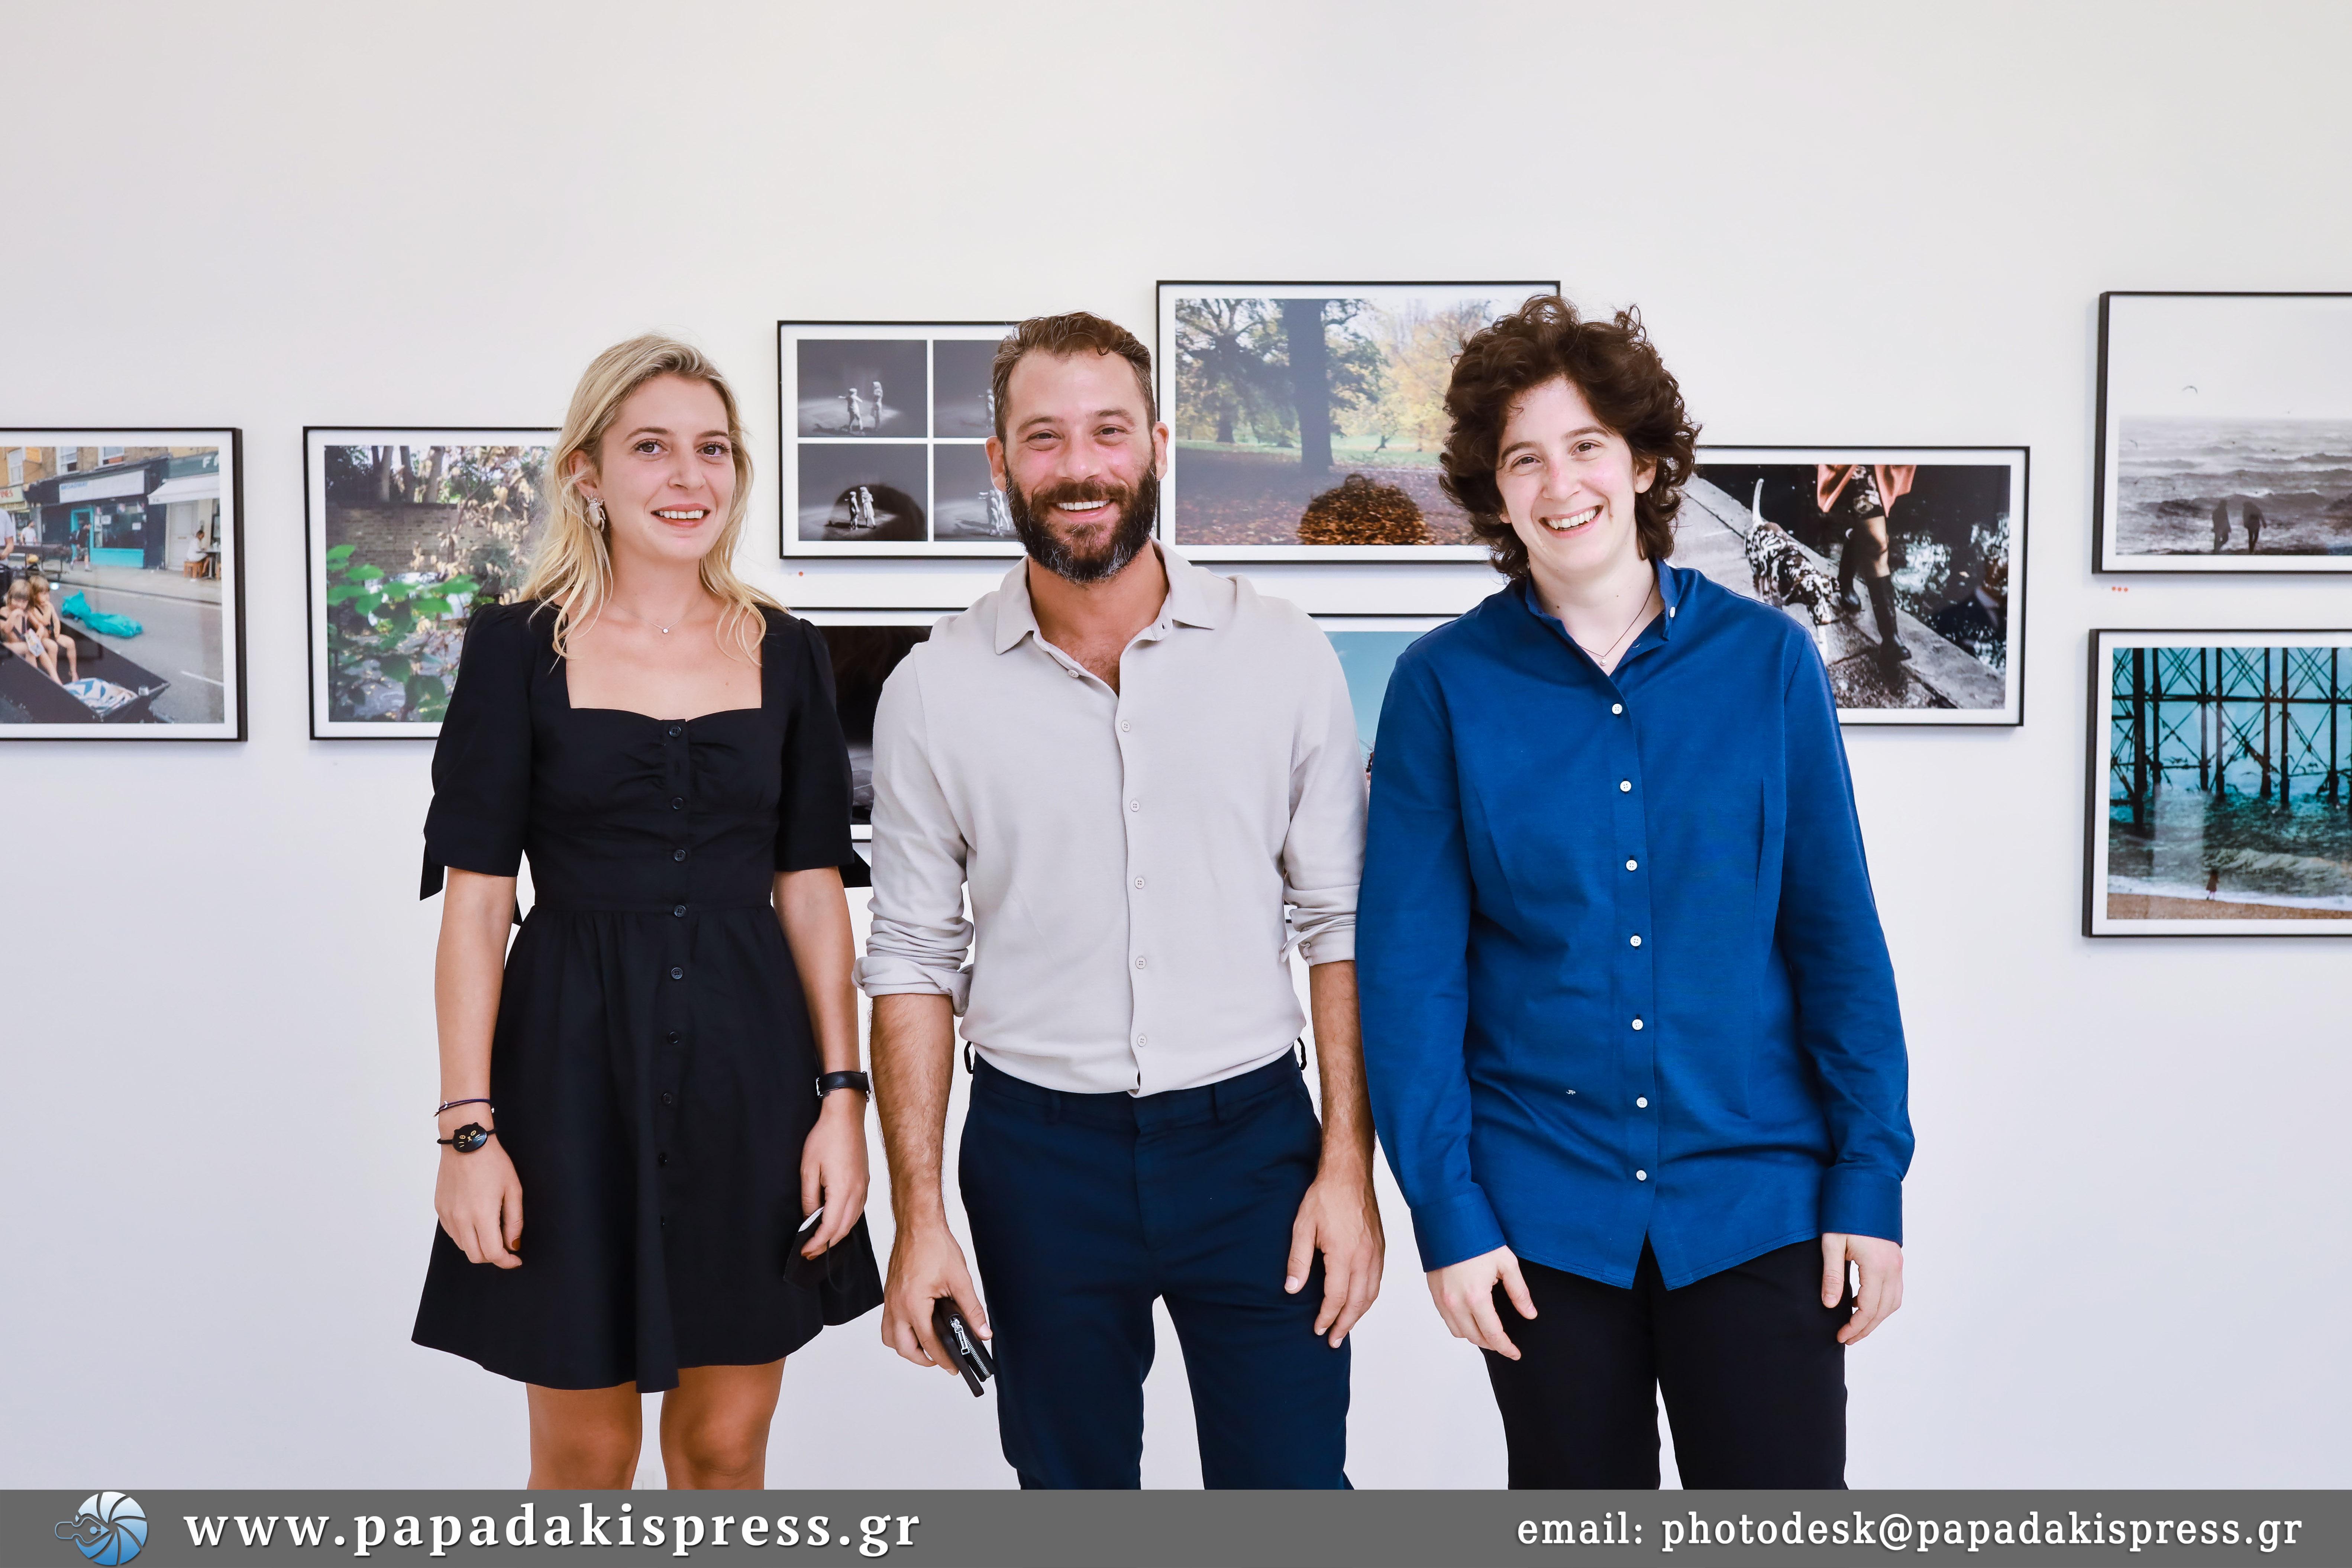 Εγκαίνια της έκθεσης φωτογραφίας «Νόστος & Άλγος» @Γκαλερί Ζουμπουλάκη 5